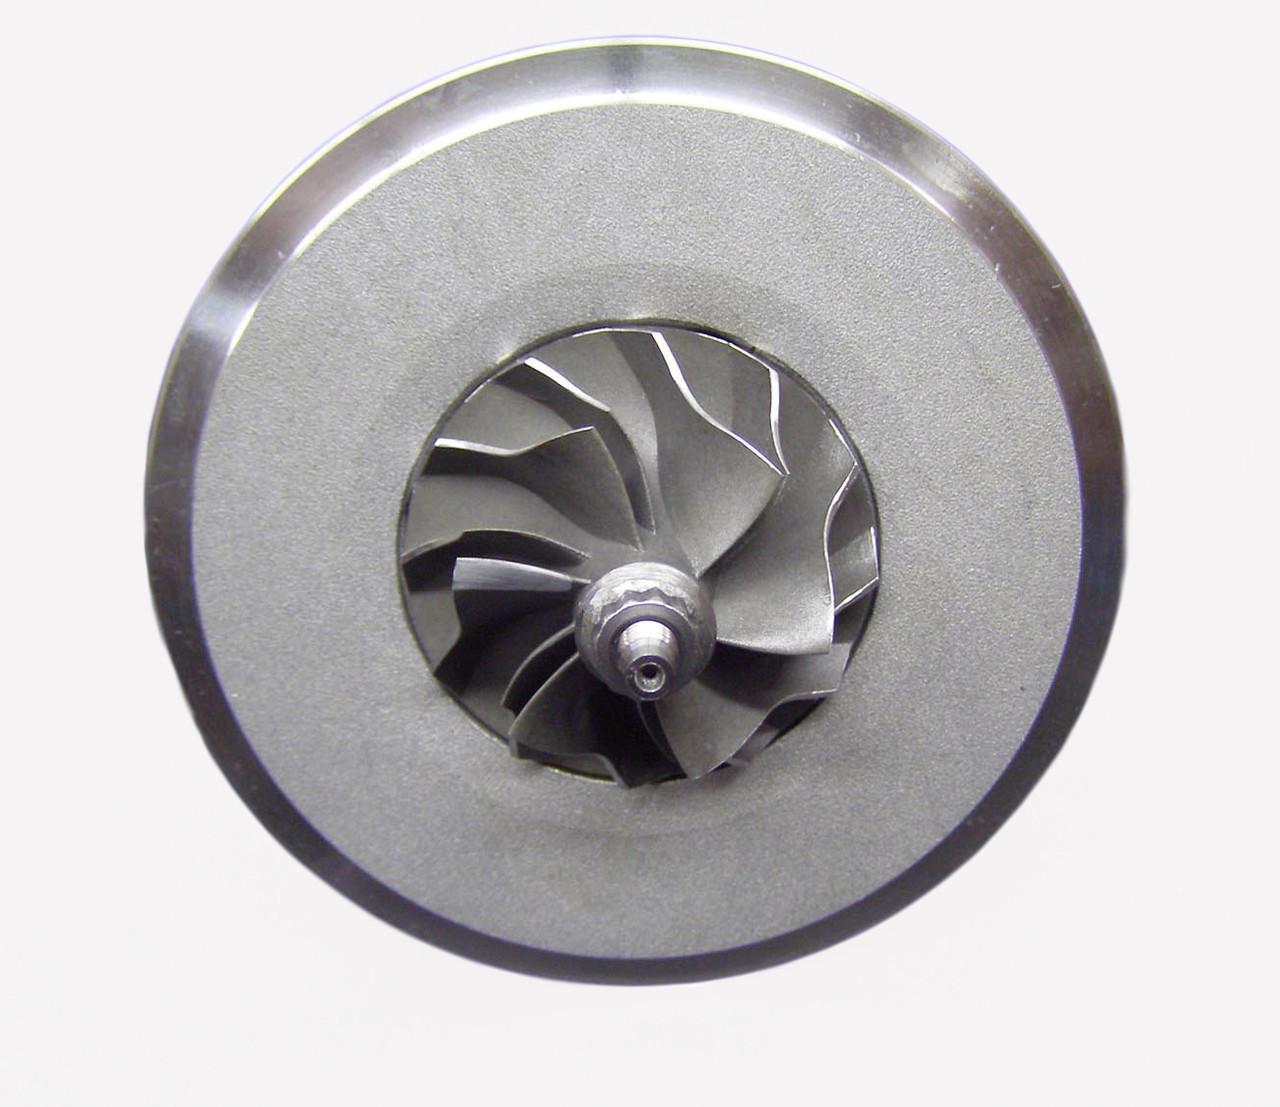 Картридж турбины Volkswagen 1.9TDI Sharan/Golf/Passat/Vento от 1995 г.в. 454065-0002, 454172-0001